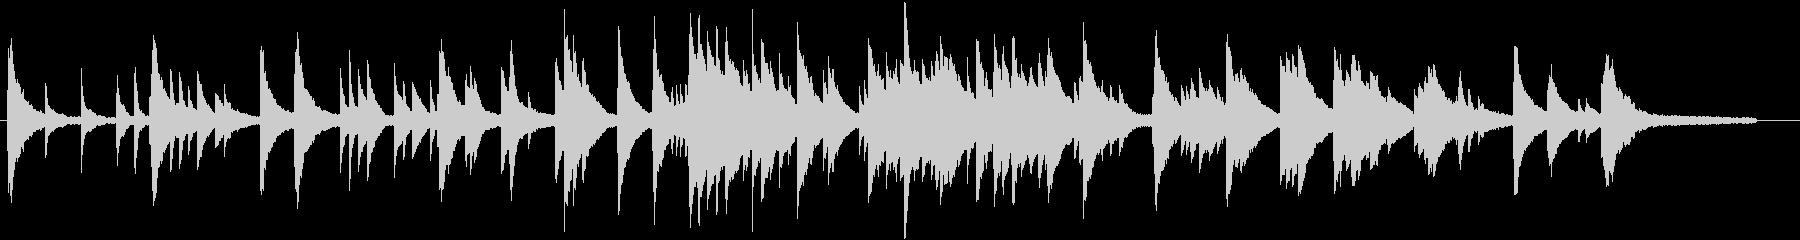 音の粒がしっかりしているピアノ・ソロ曲の未再生の波形